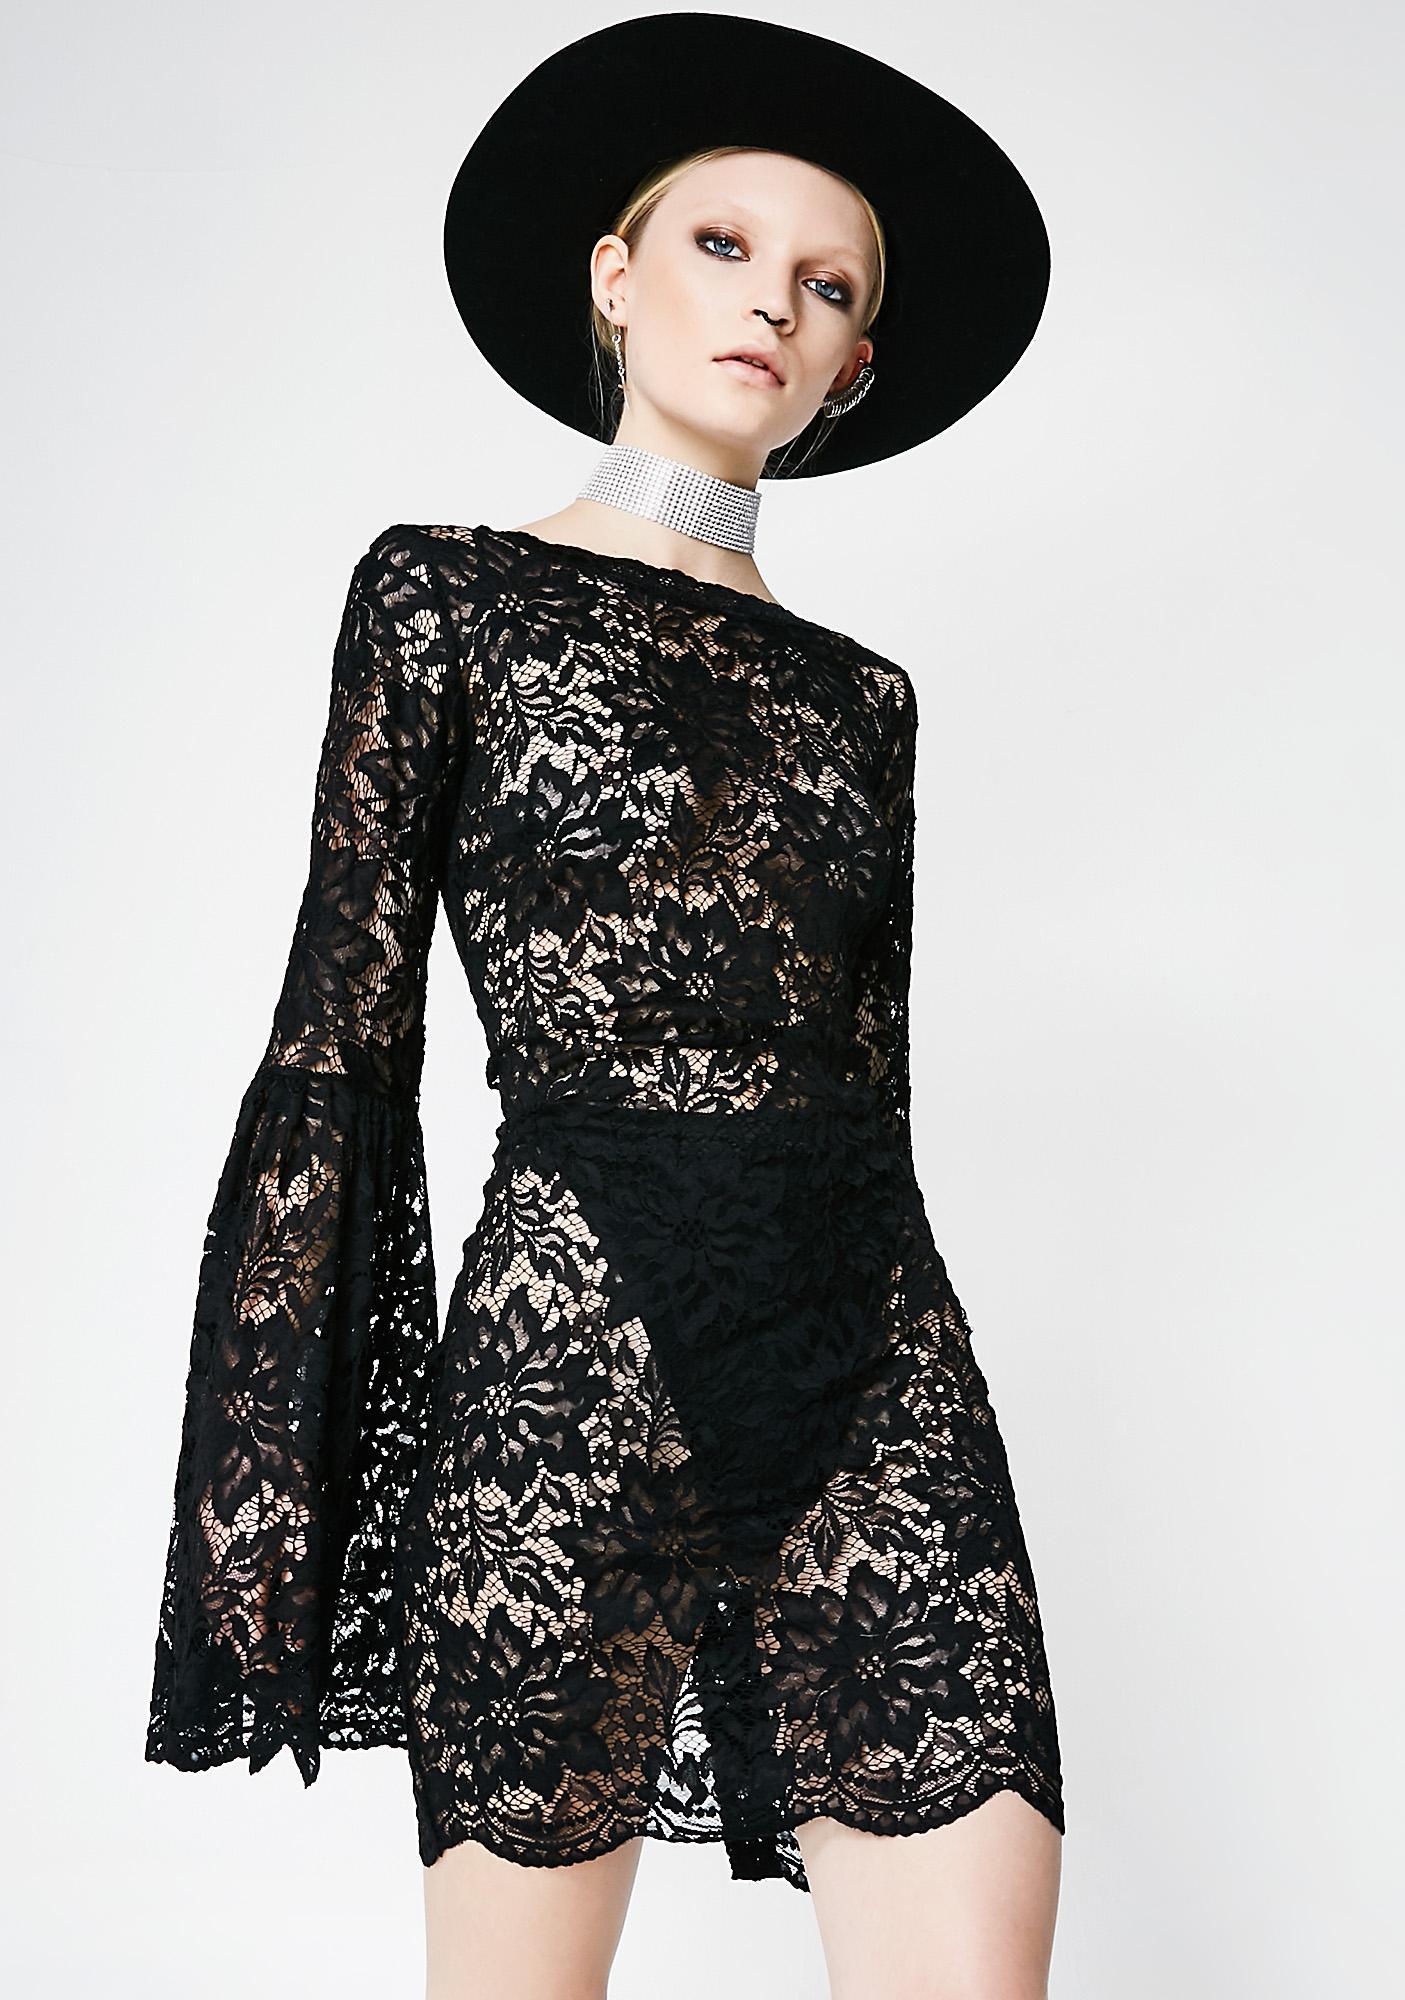 Kiki Riki Can We Talk Lace Dress